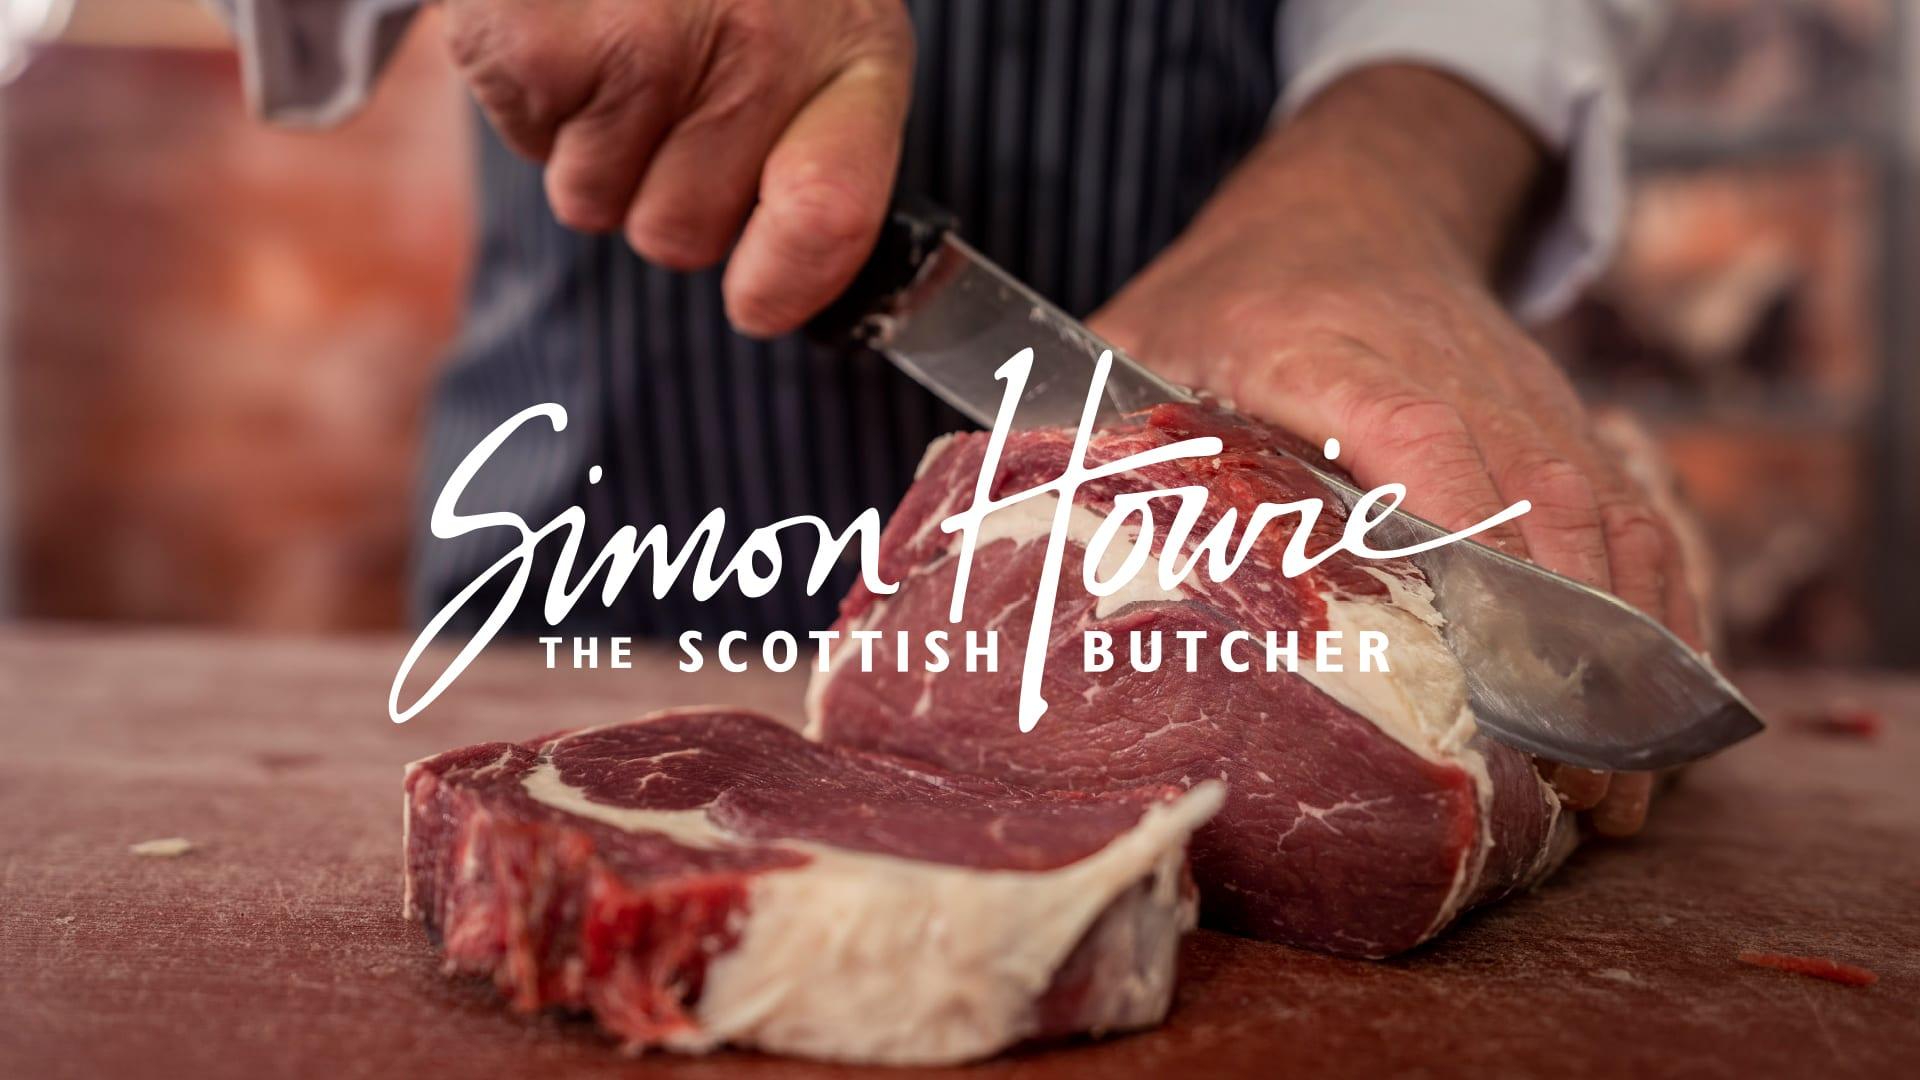 Simon Howie